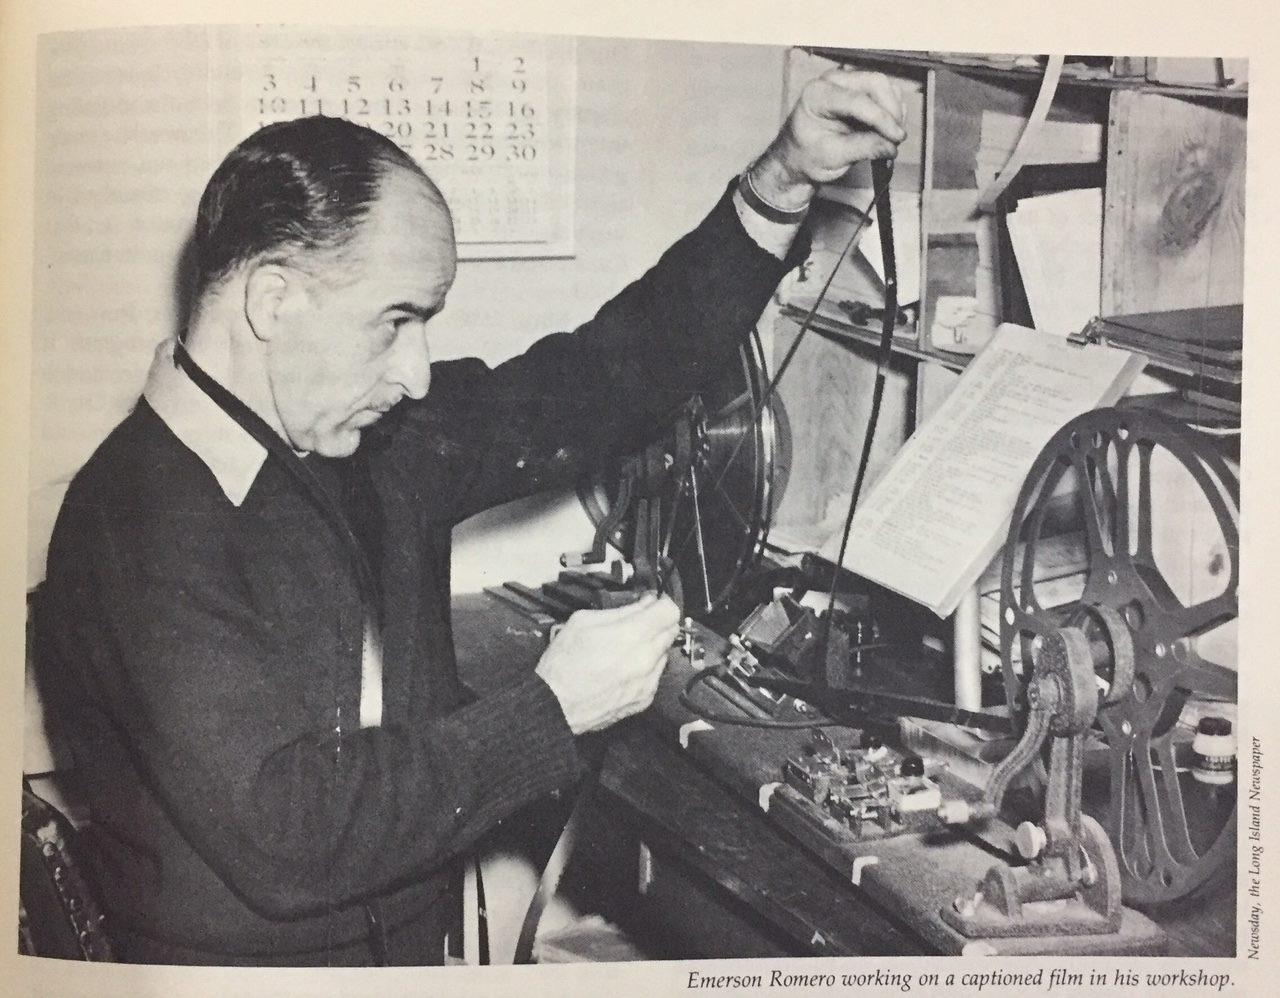 1900 - 1972: Emerson Romero